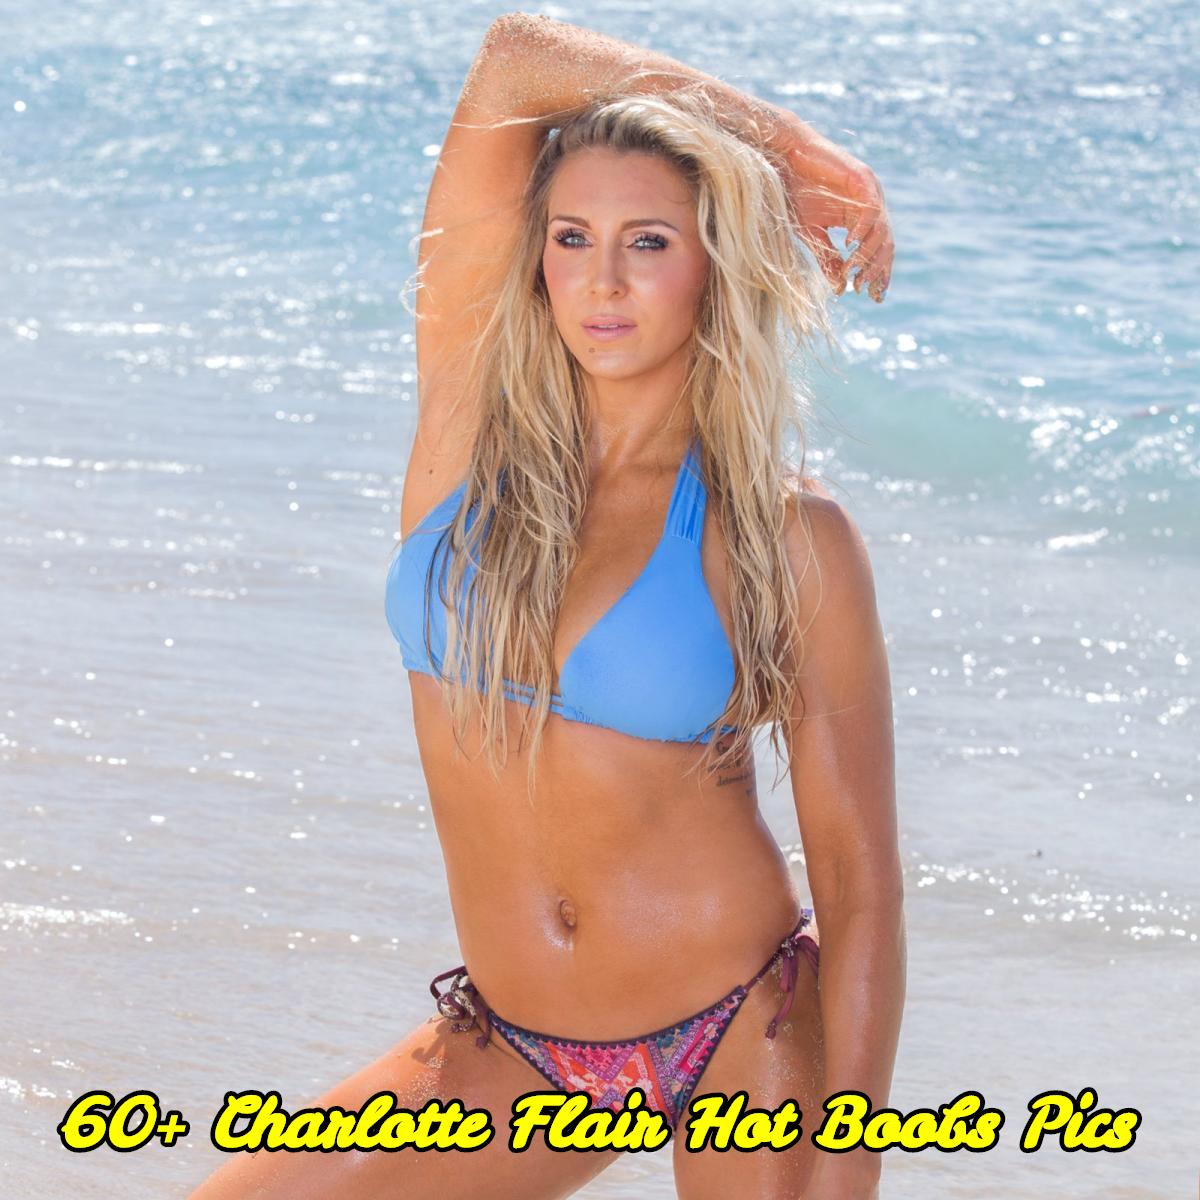 Charlotte Flair hot boobs pics